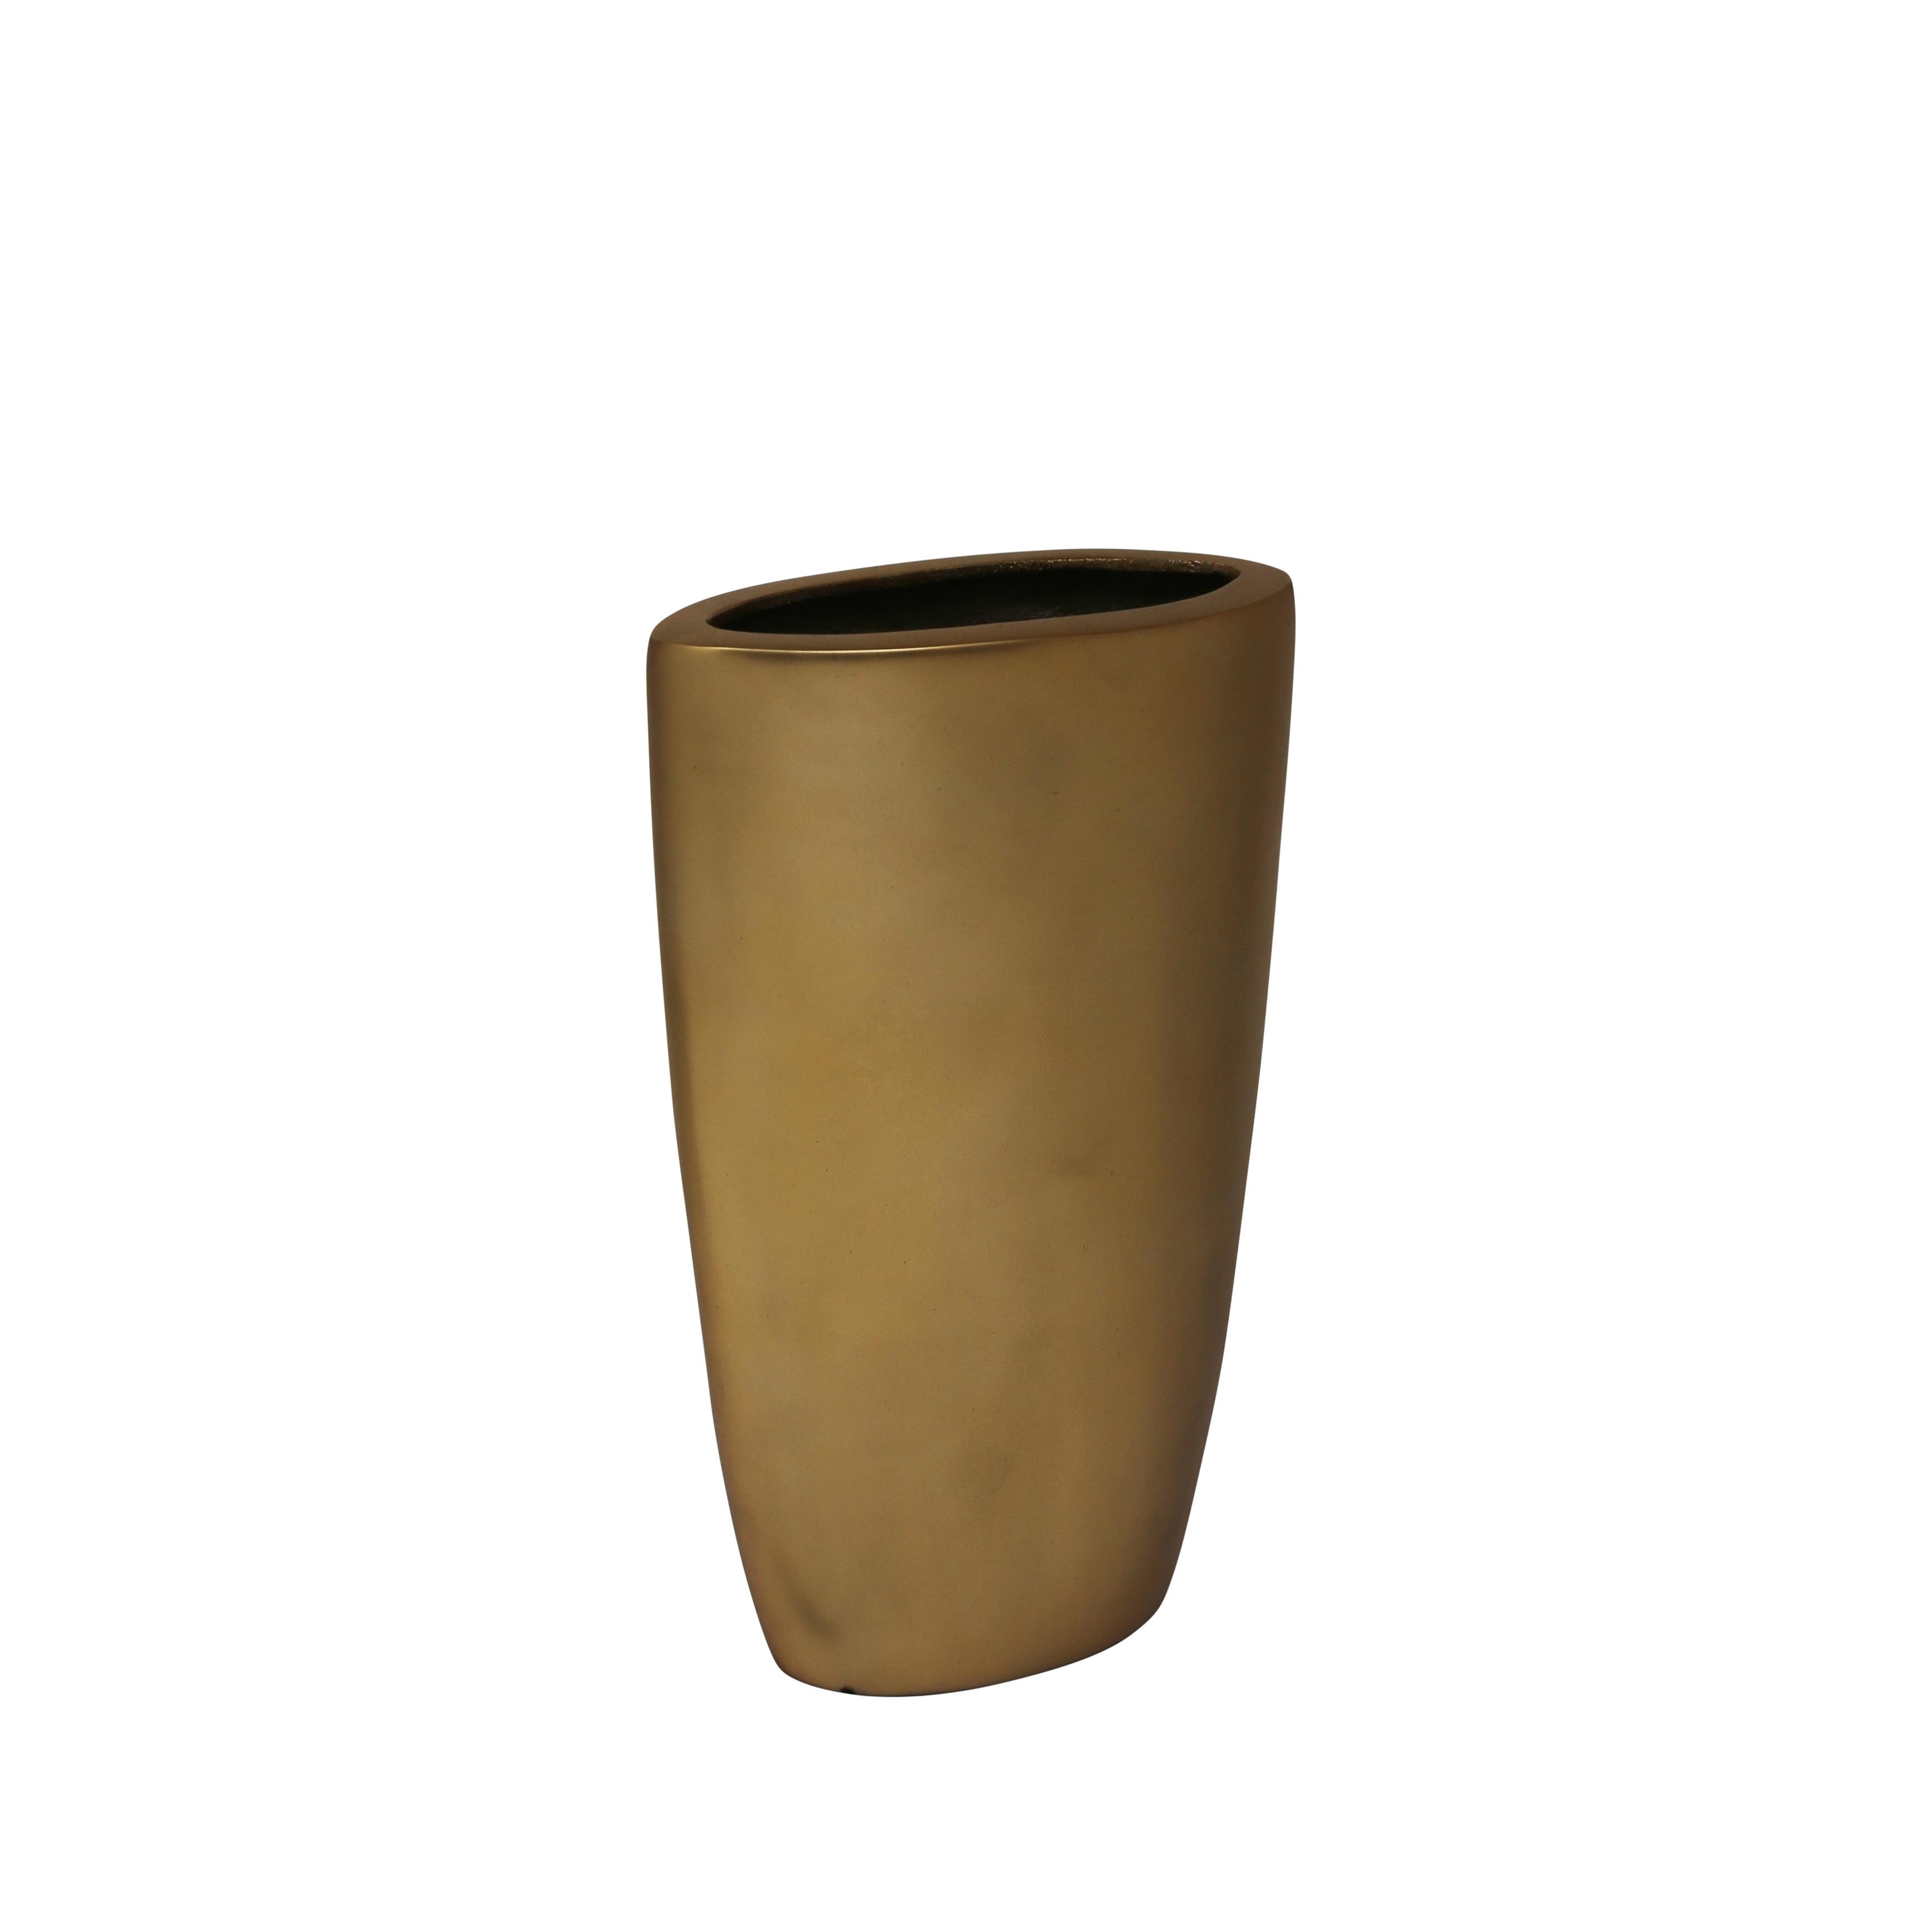 Decorative Oval Shaped Aluminium Vase, Small, Gold